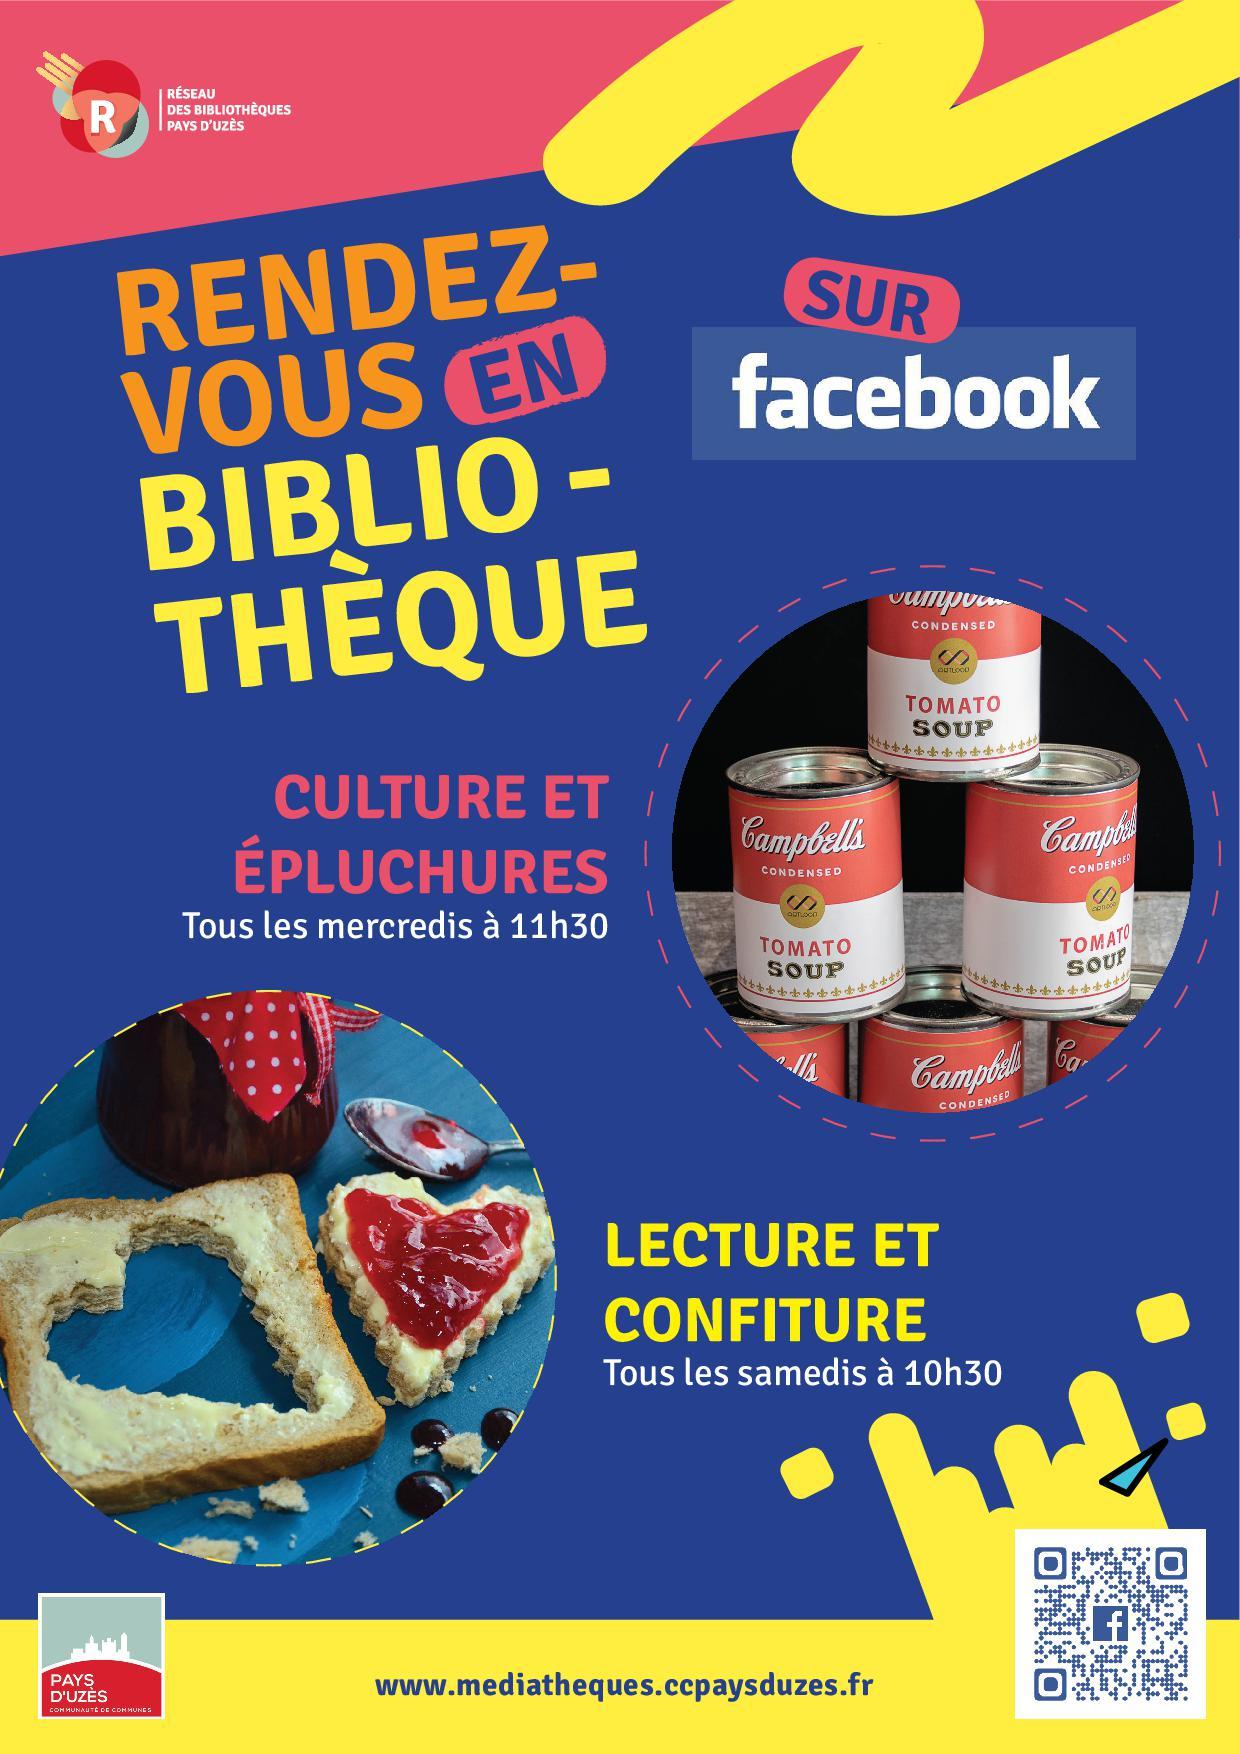 Vos rendez-vous en bibliothèques sur Facebook